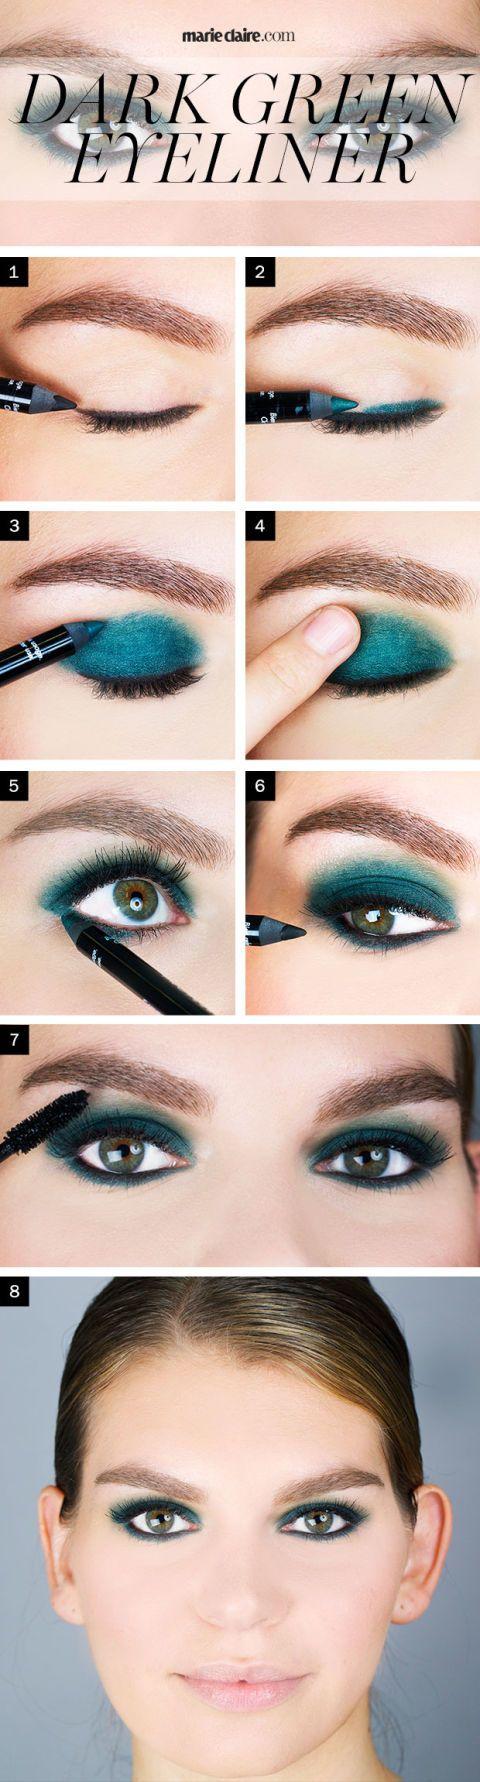 Makeup How-To: Dark Green Eyeliner